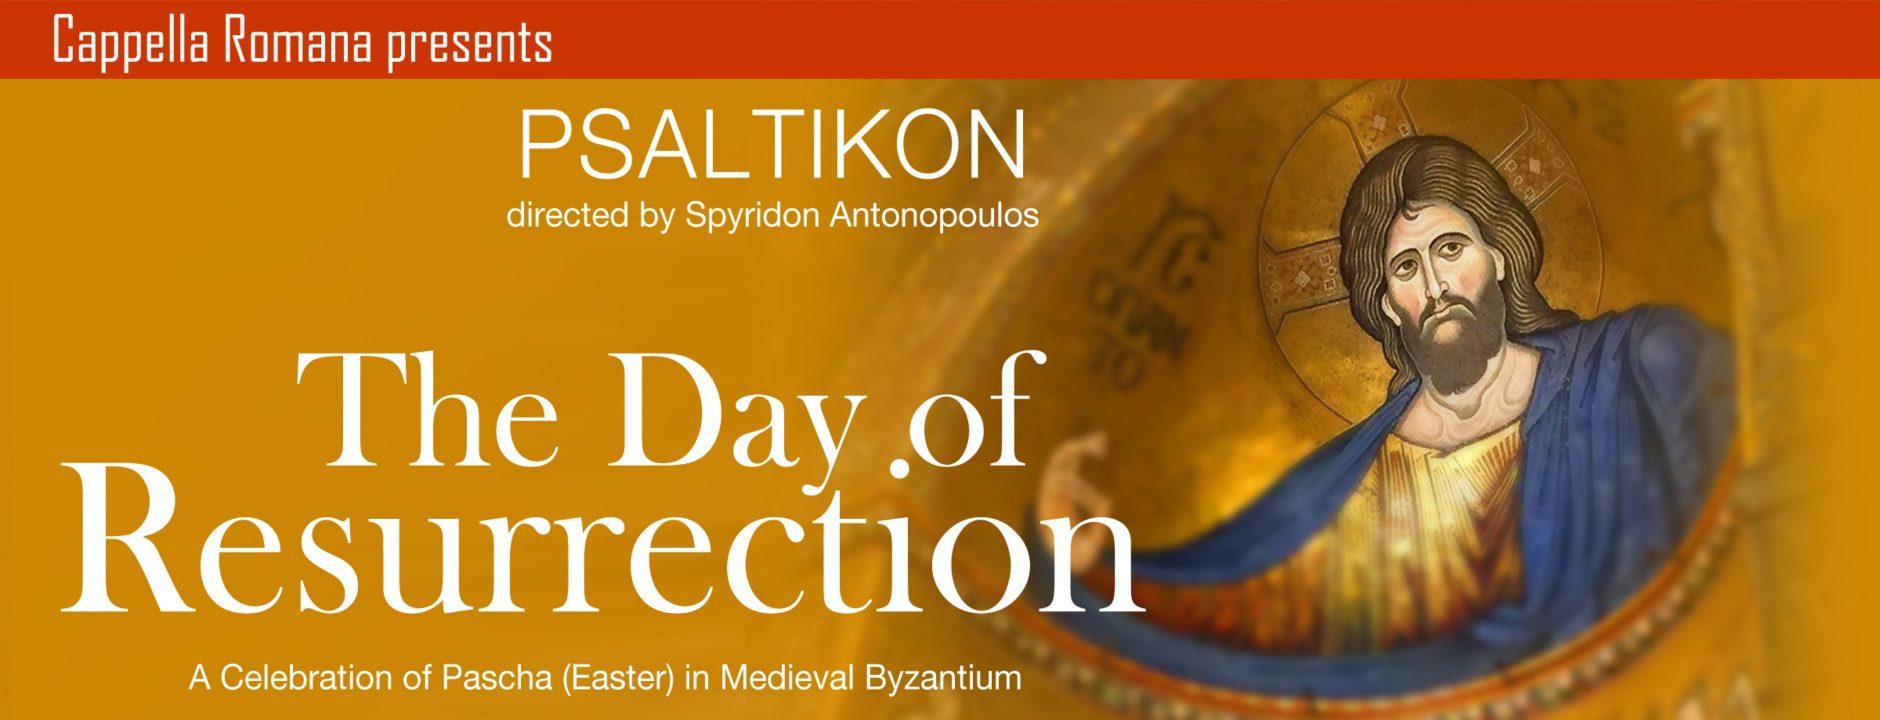 Cappella Romana Presents Psaltikon